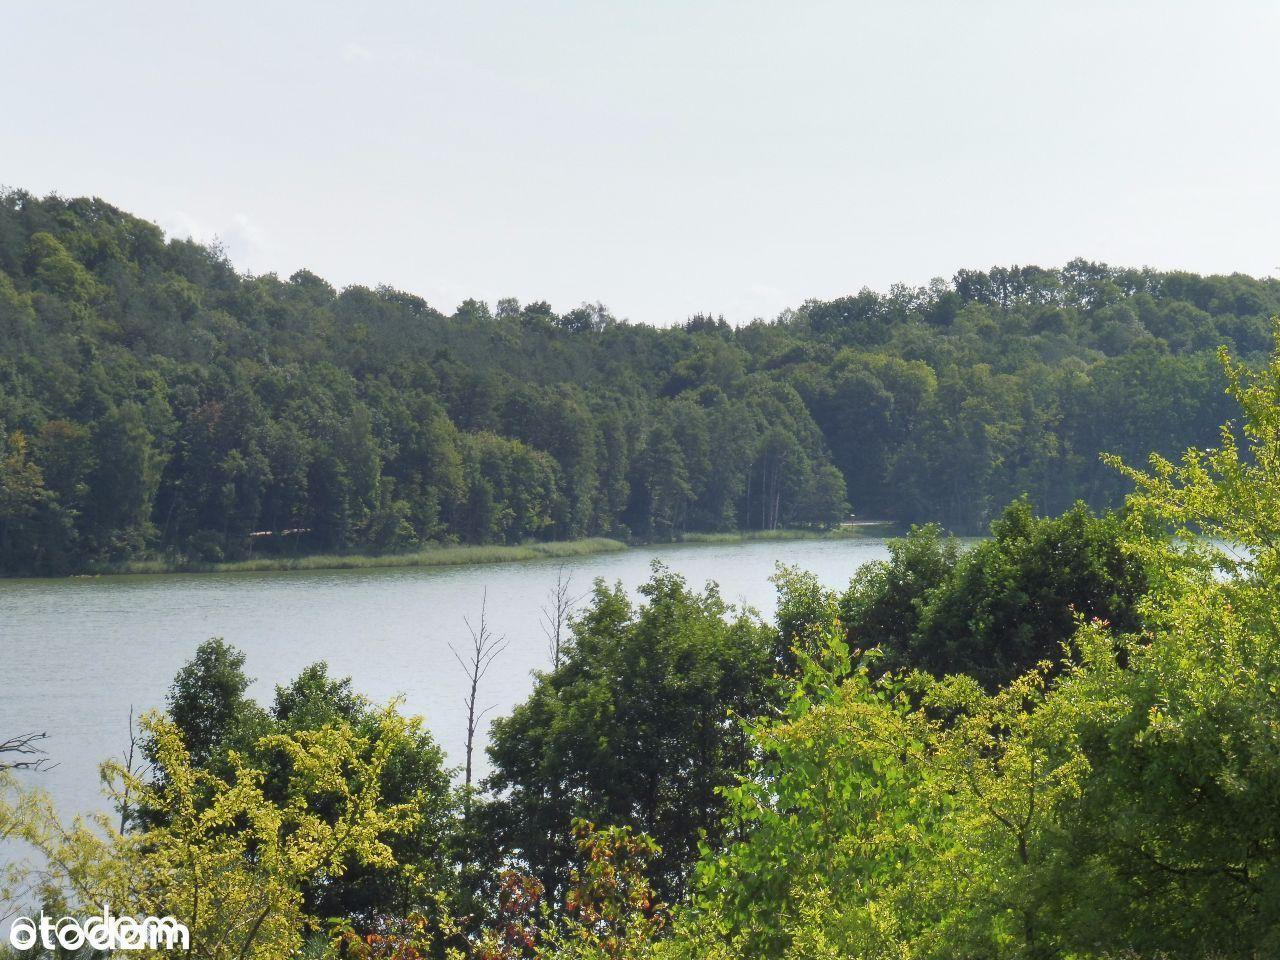 Działka blisko jeziora, 2557m2, Gaj-Grzmięca